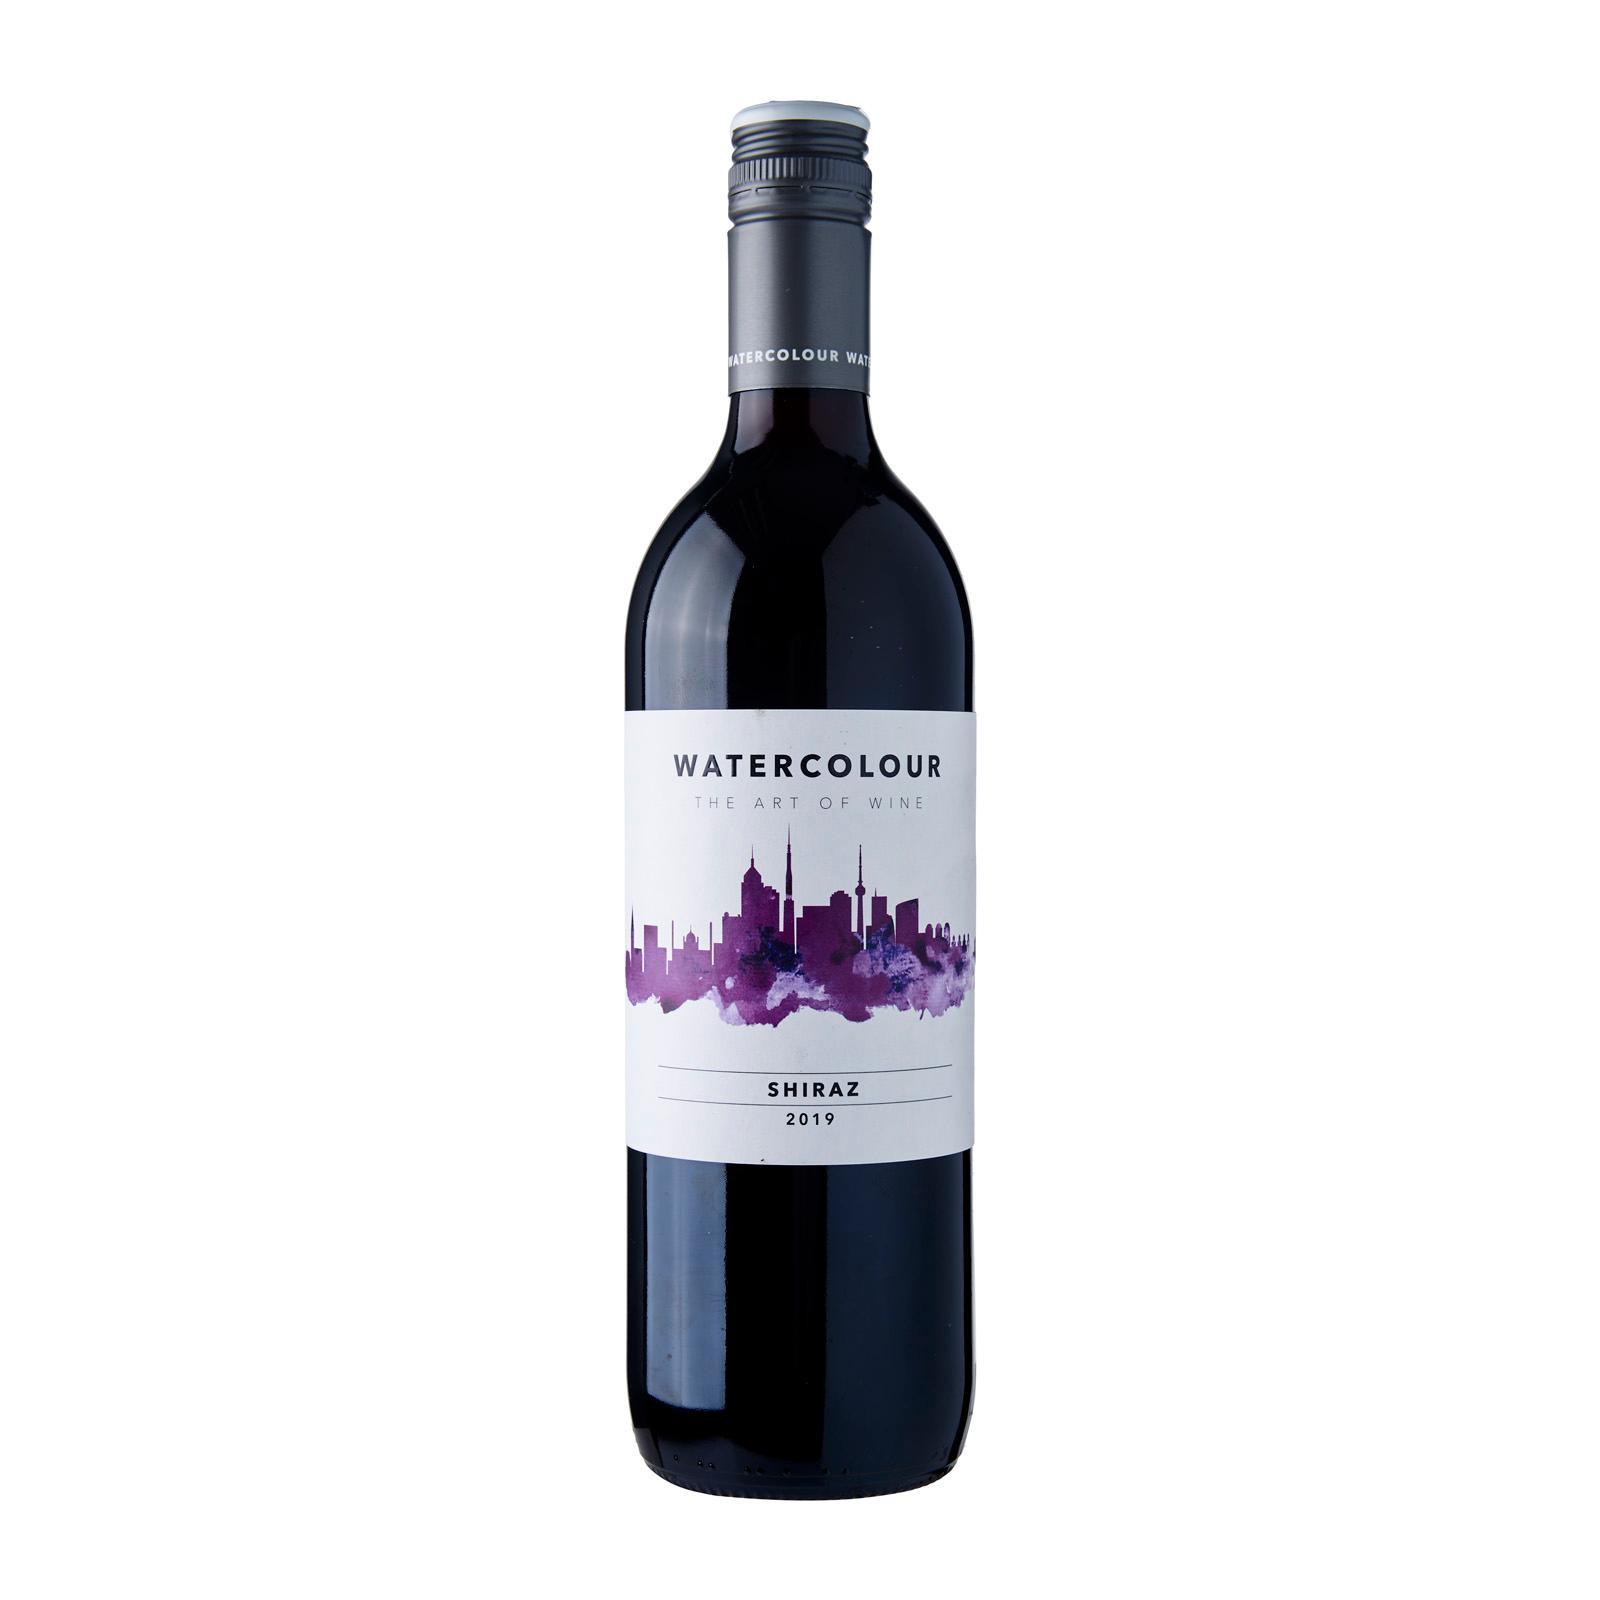 Watercolour Shiraz Red Wine Australia